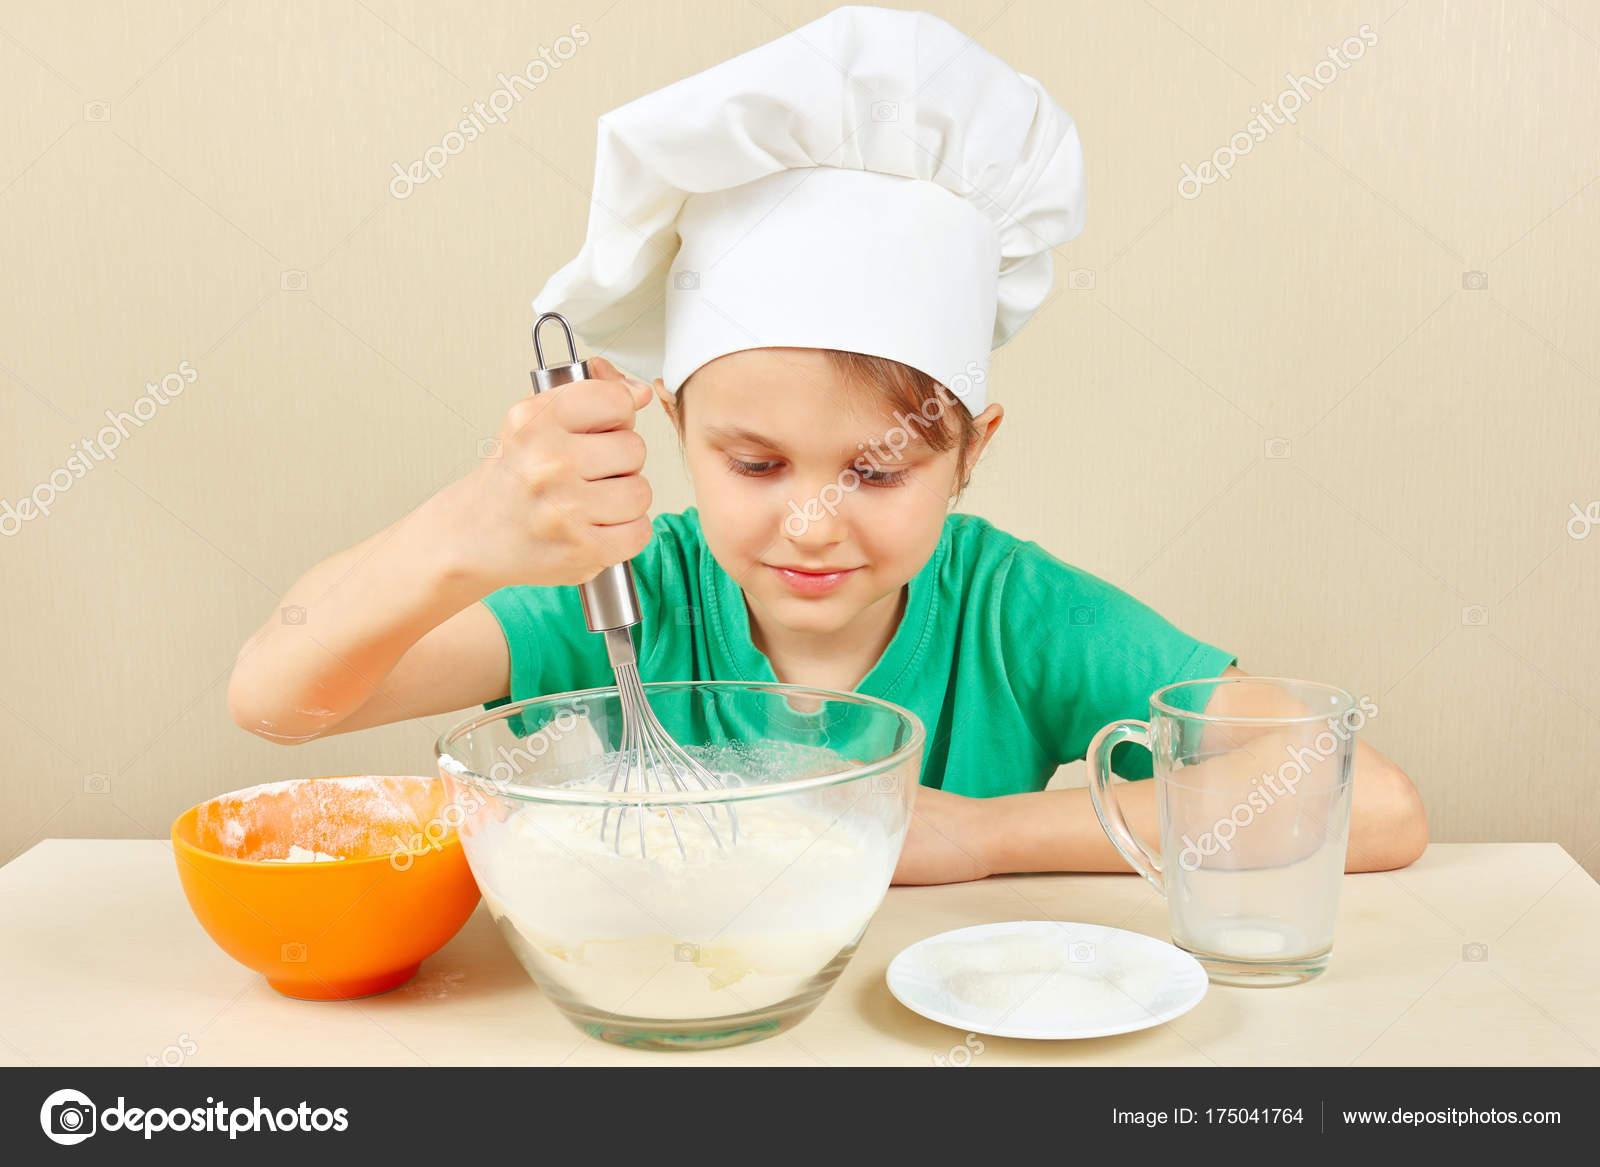 Kleine Lustige Koch Bereitet Teig Fur Den Kuchen Backen Stockfoto